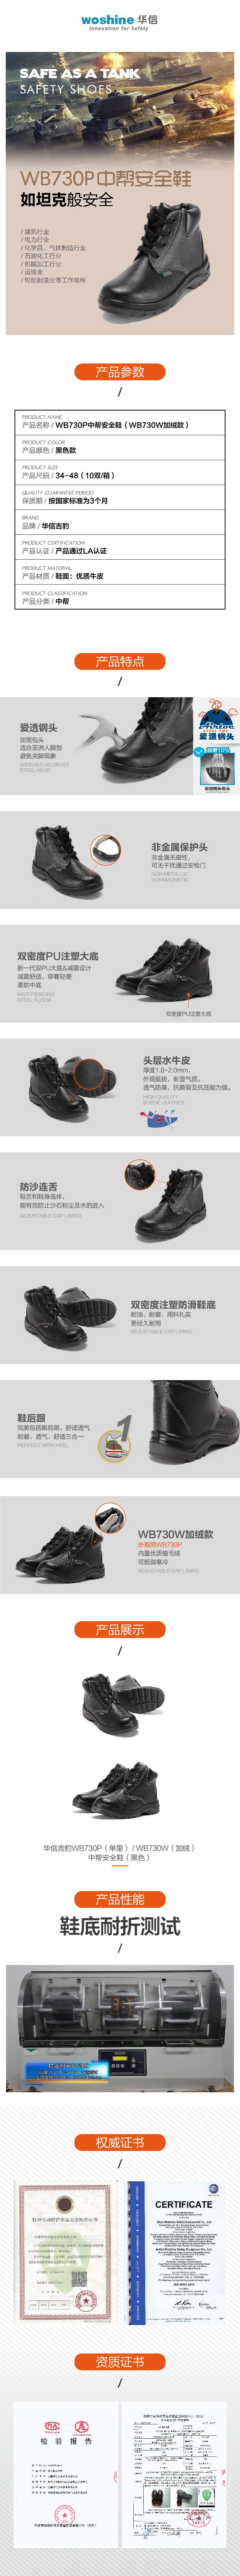 W730W 安全鞋